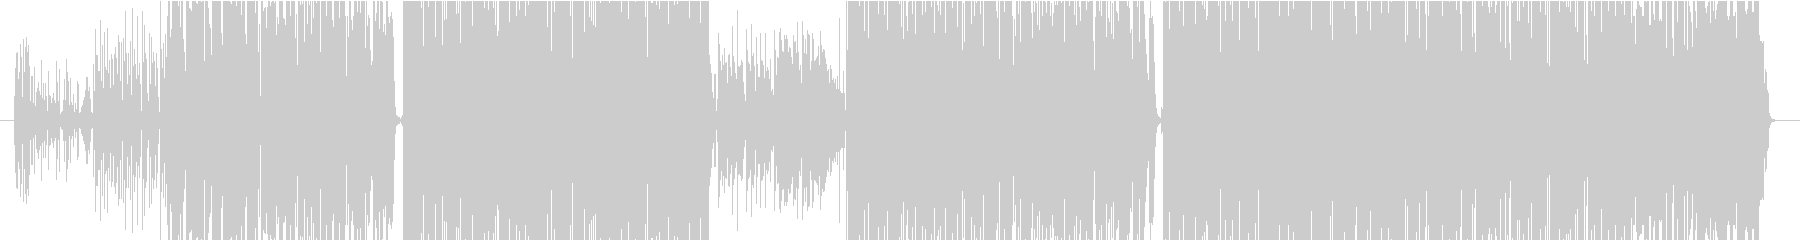 電子機器で暖かい曲の未再生の波形